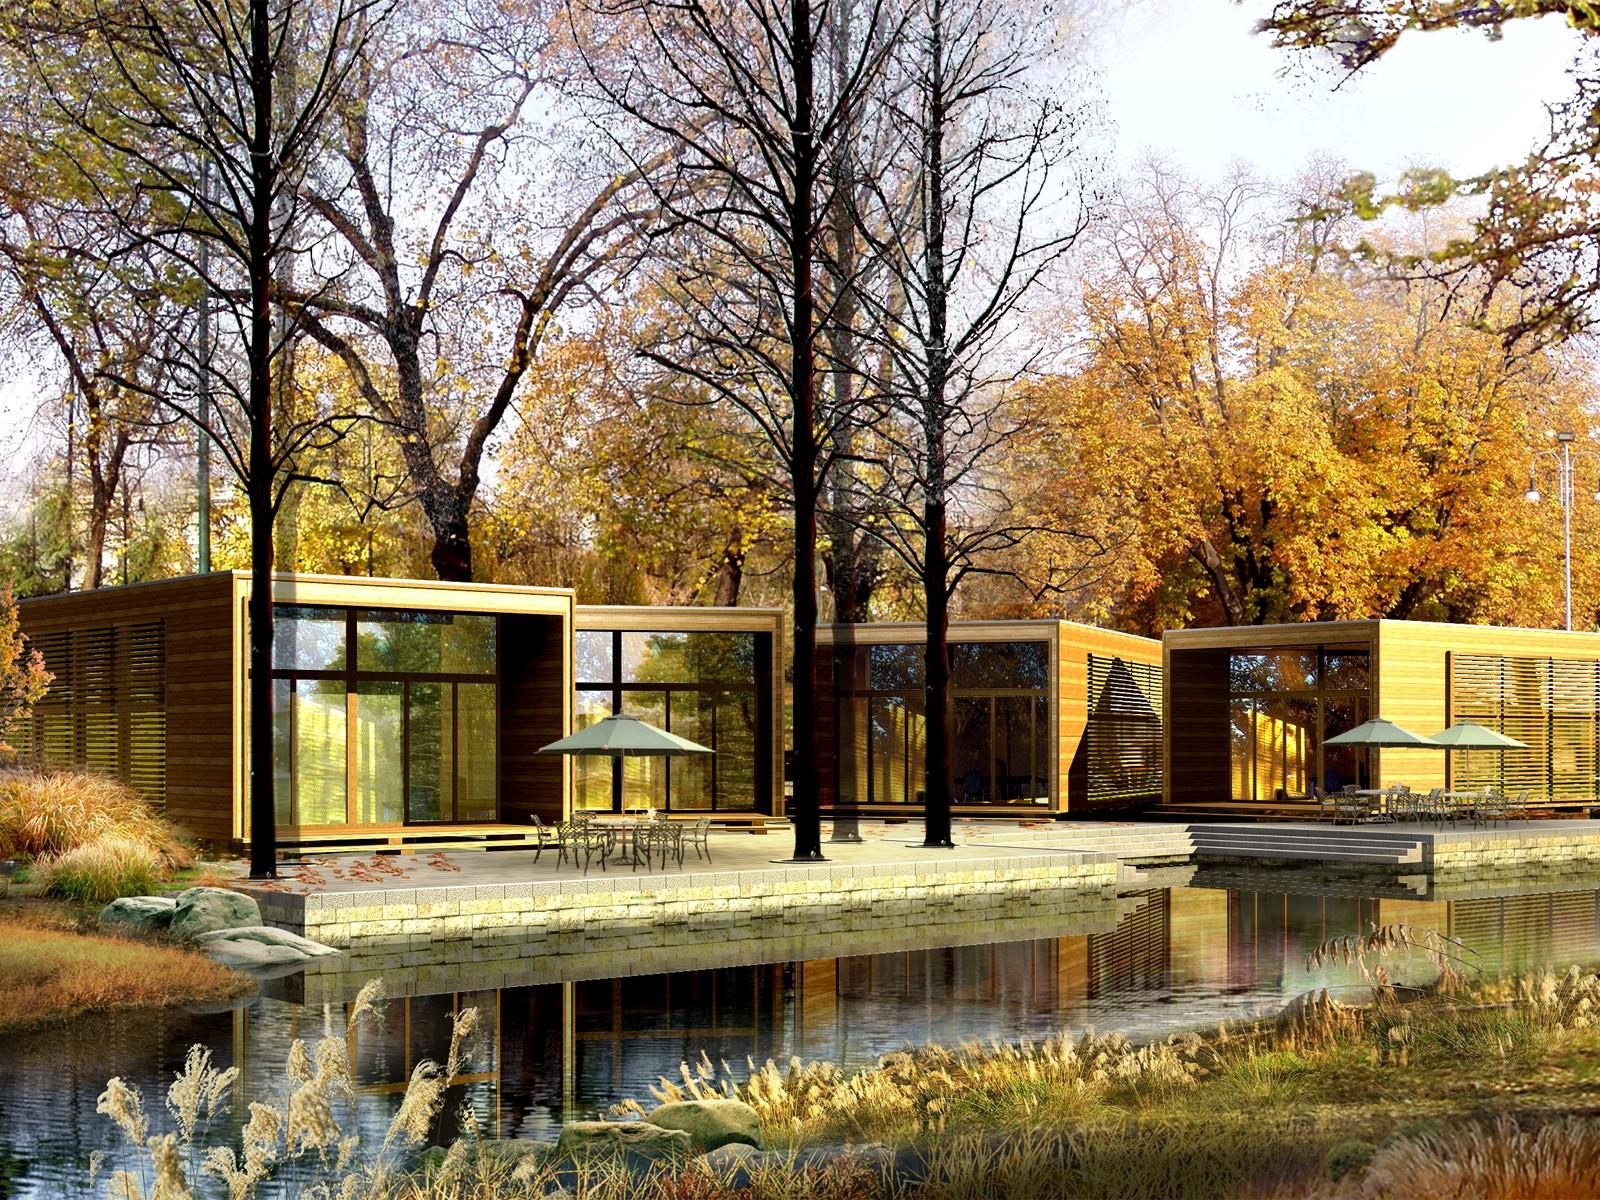 wallpaper buildings landscapes landscape-#19